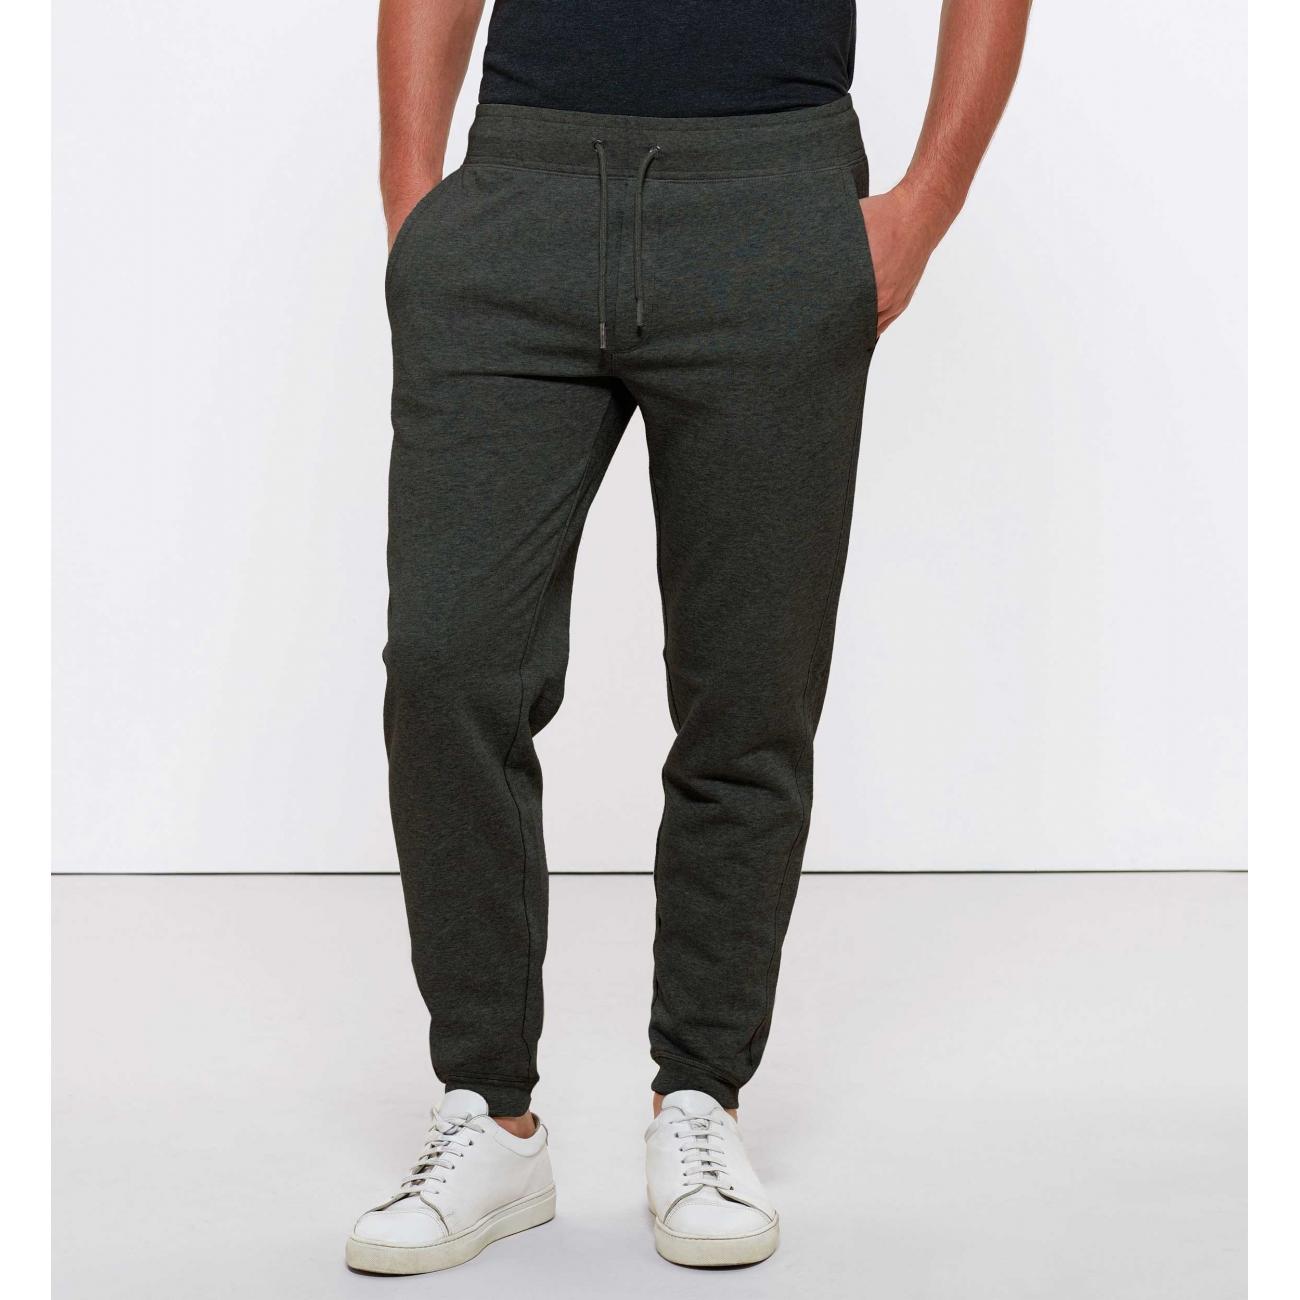 https://tee-shirt-bio.com/5733-thickbox_default/pantalon-de-jogging-en-coton-bio-gris-chine-fonce-pour-homme.jpg